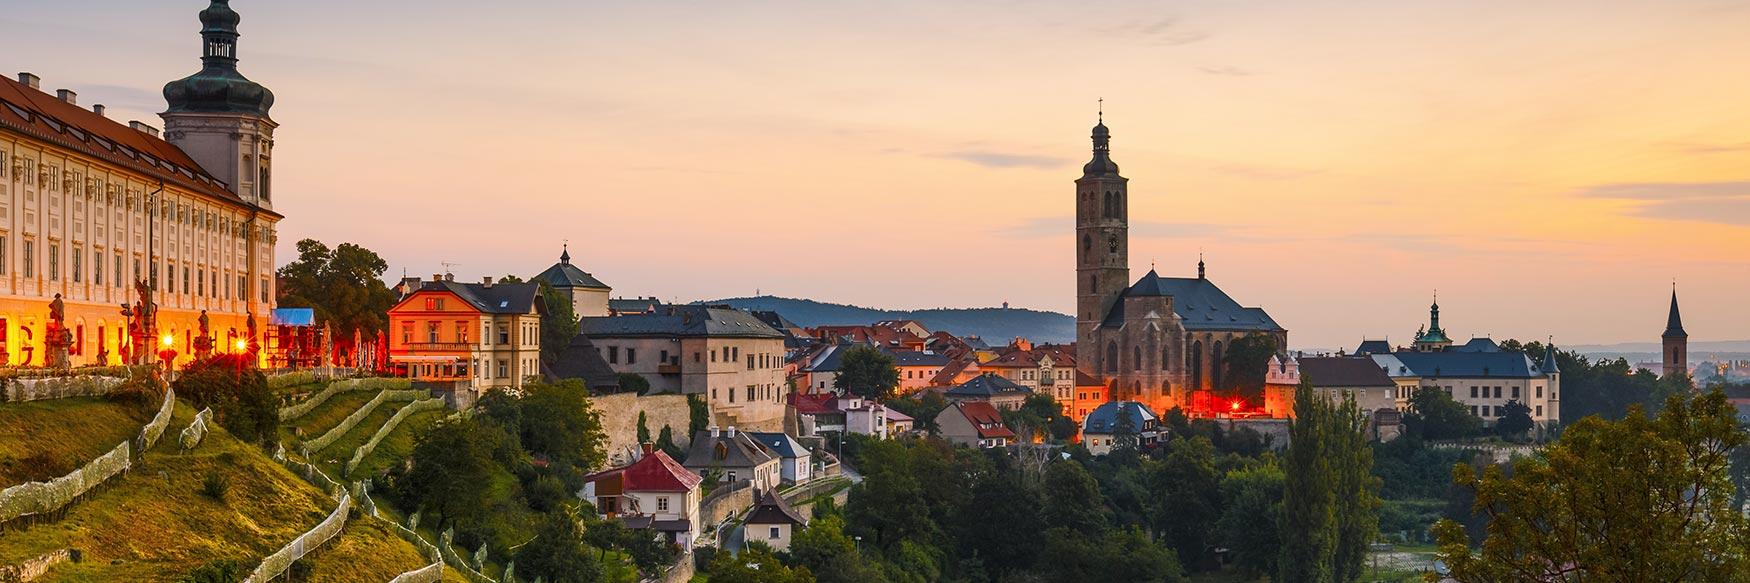 Kutná Hora Skyline, Central Bohemia, Czechia